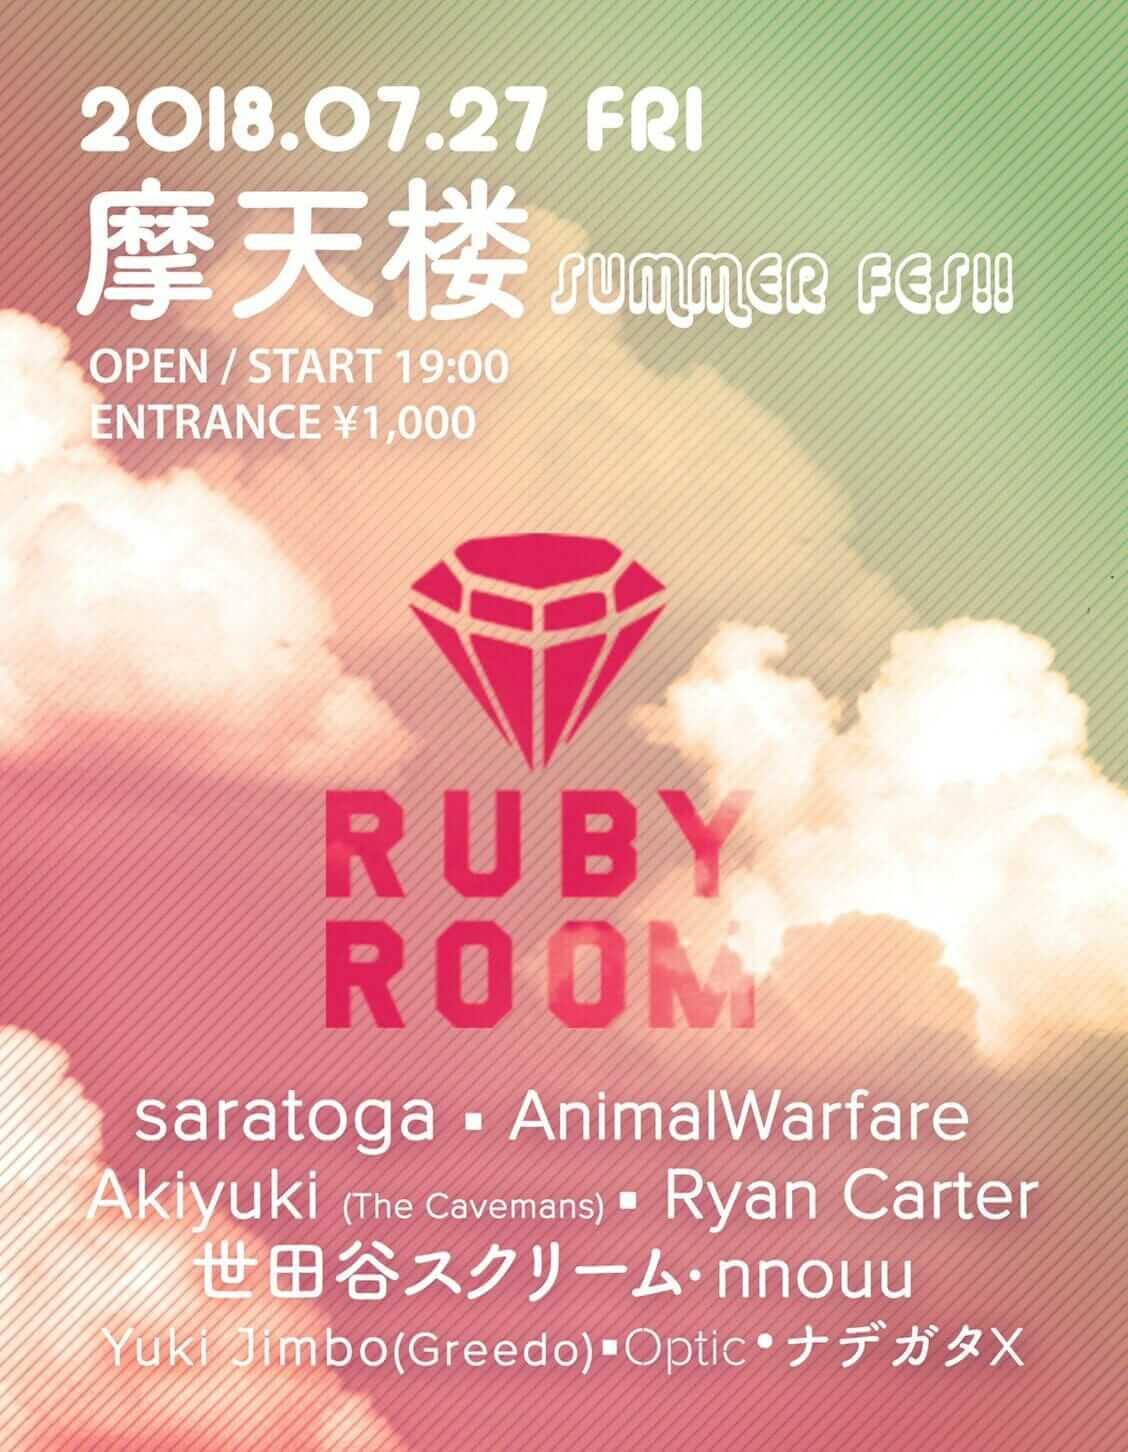 7月27日(金) 渋谷で夏祭り!!